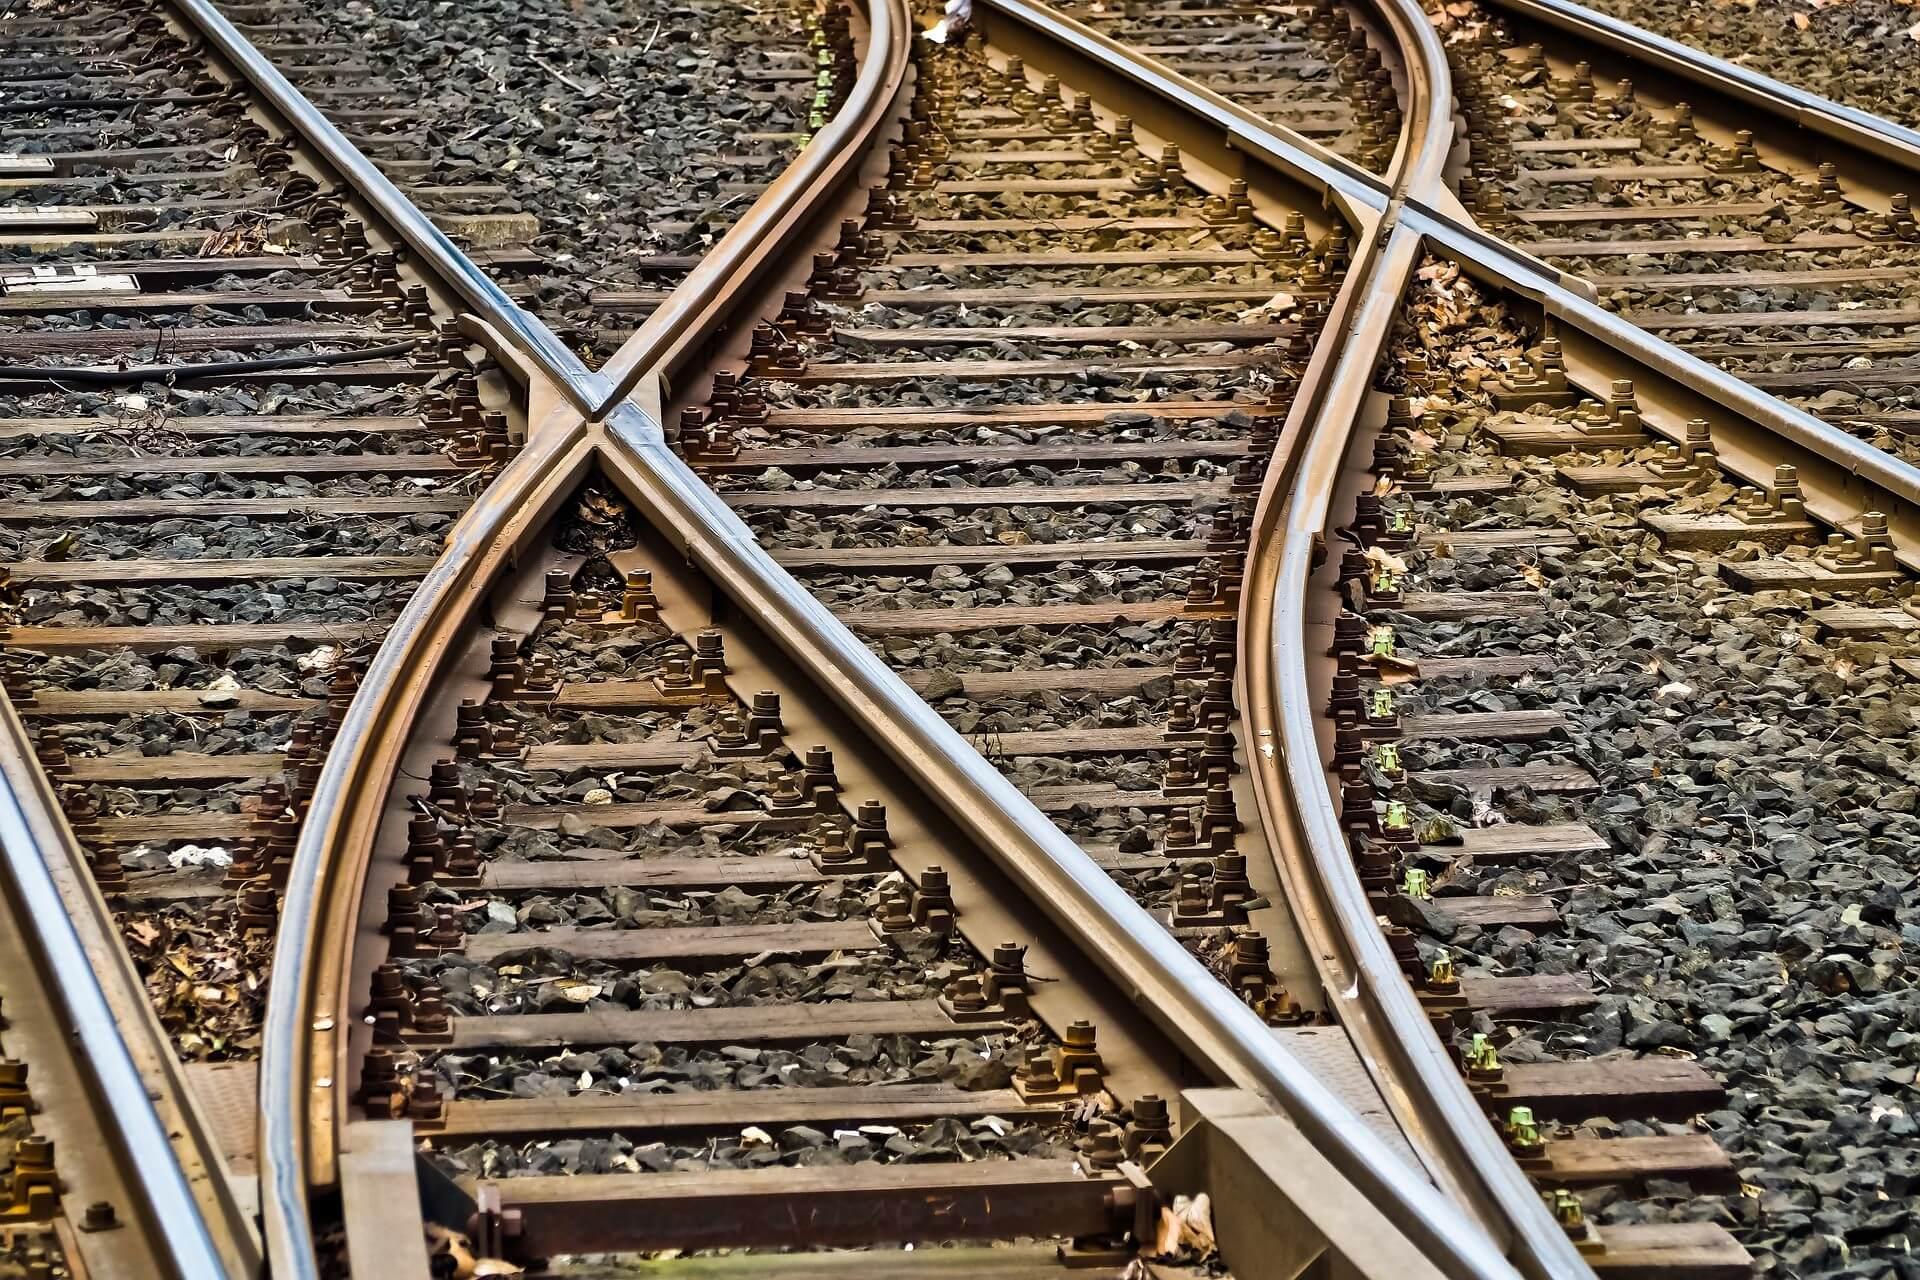 Decembertől újra járhatnak a vonatok Kaba és Hajdúszoboszló között